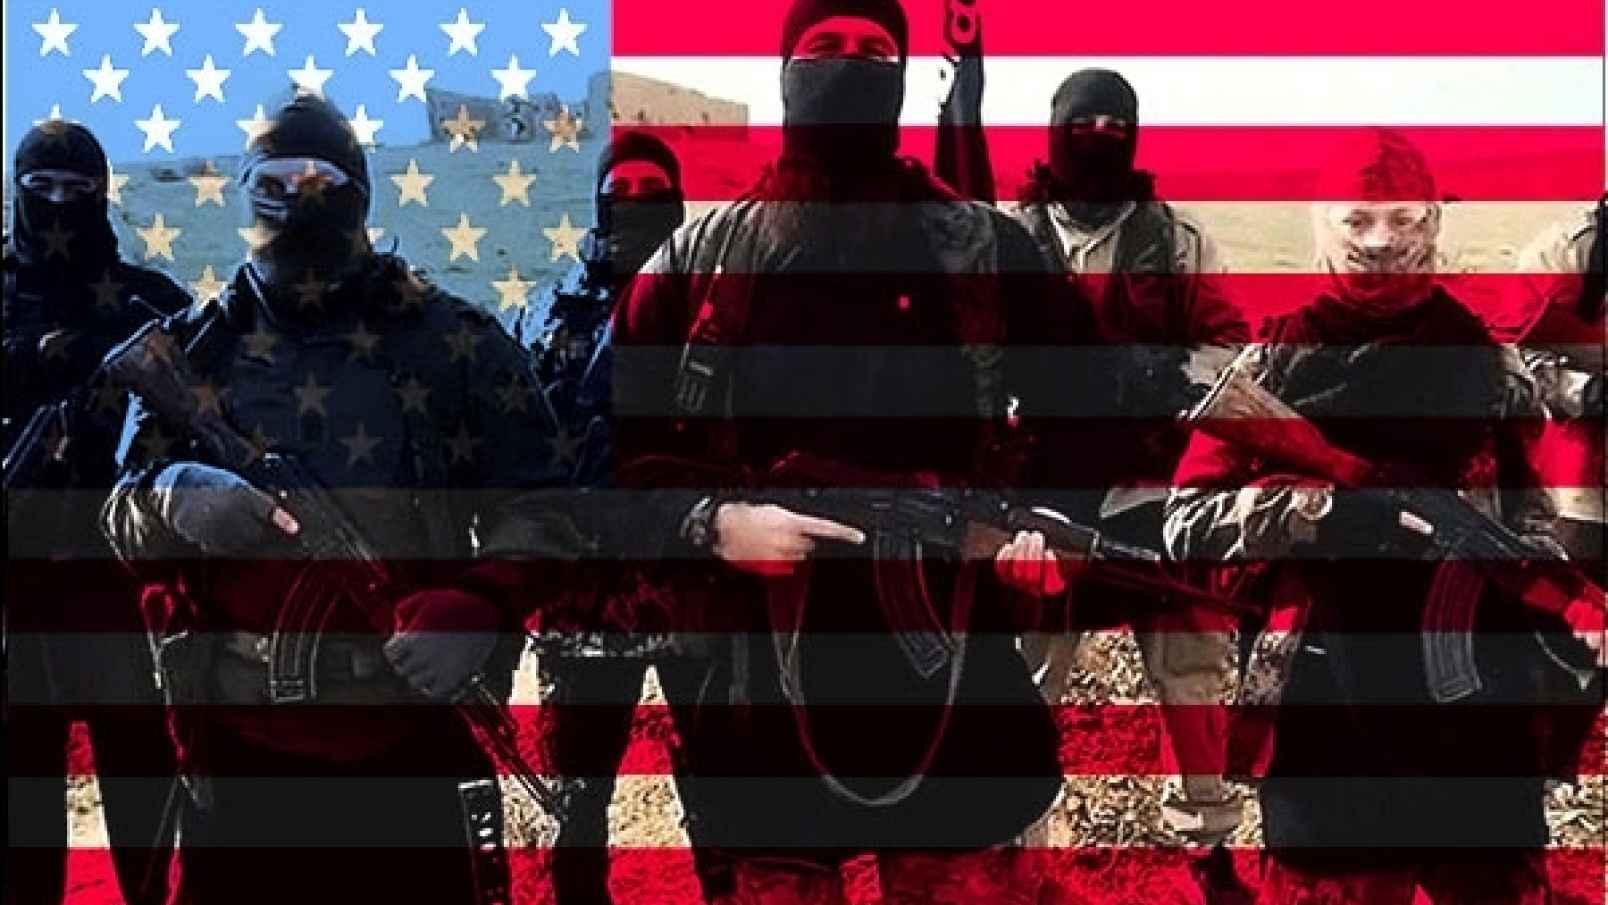 Moszkva kételkedik az Iszlám Állam vezérének megölésében